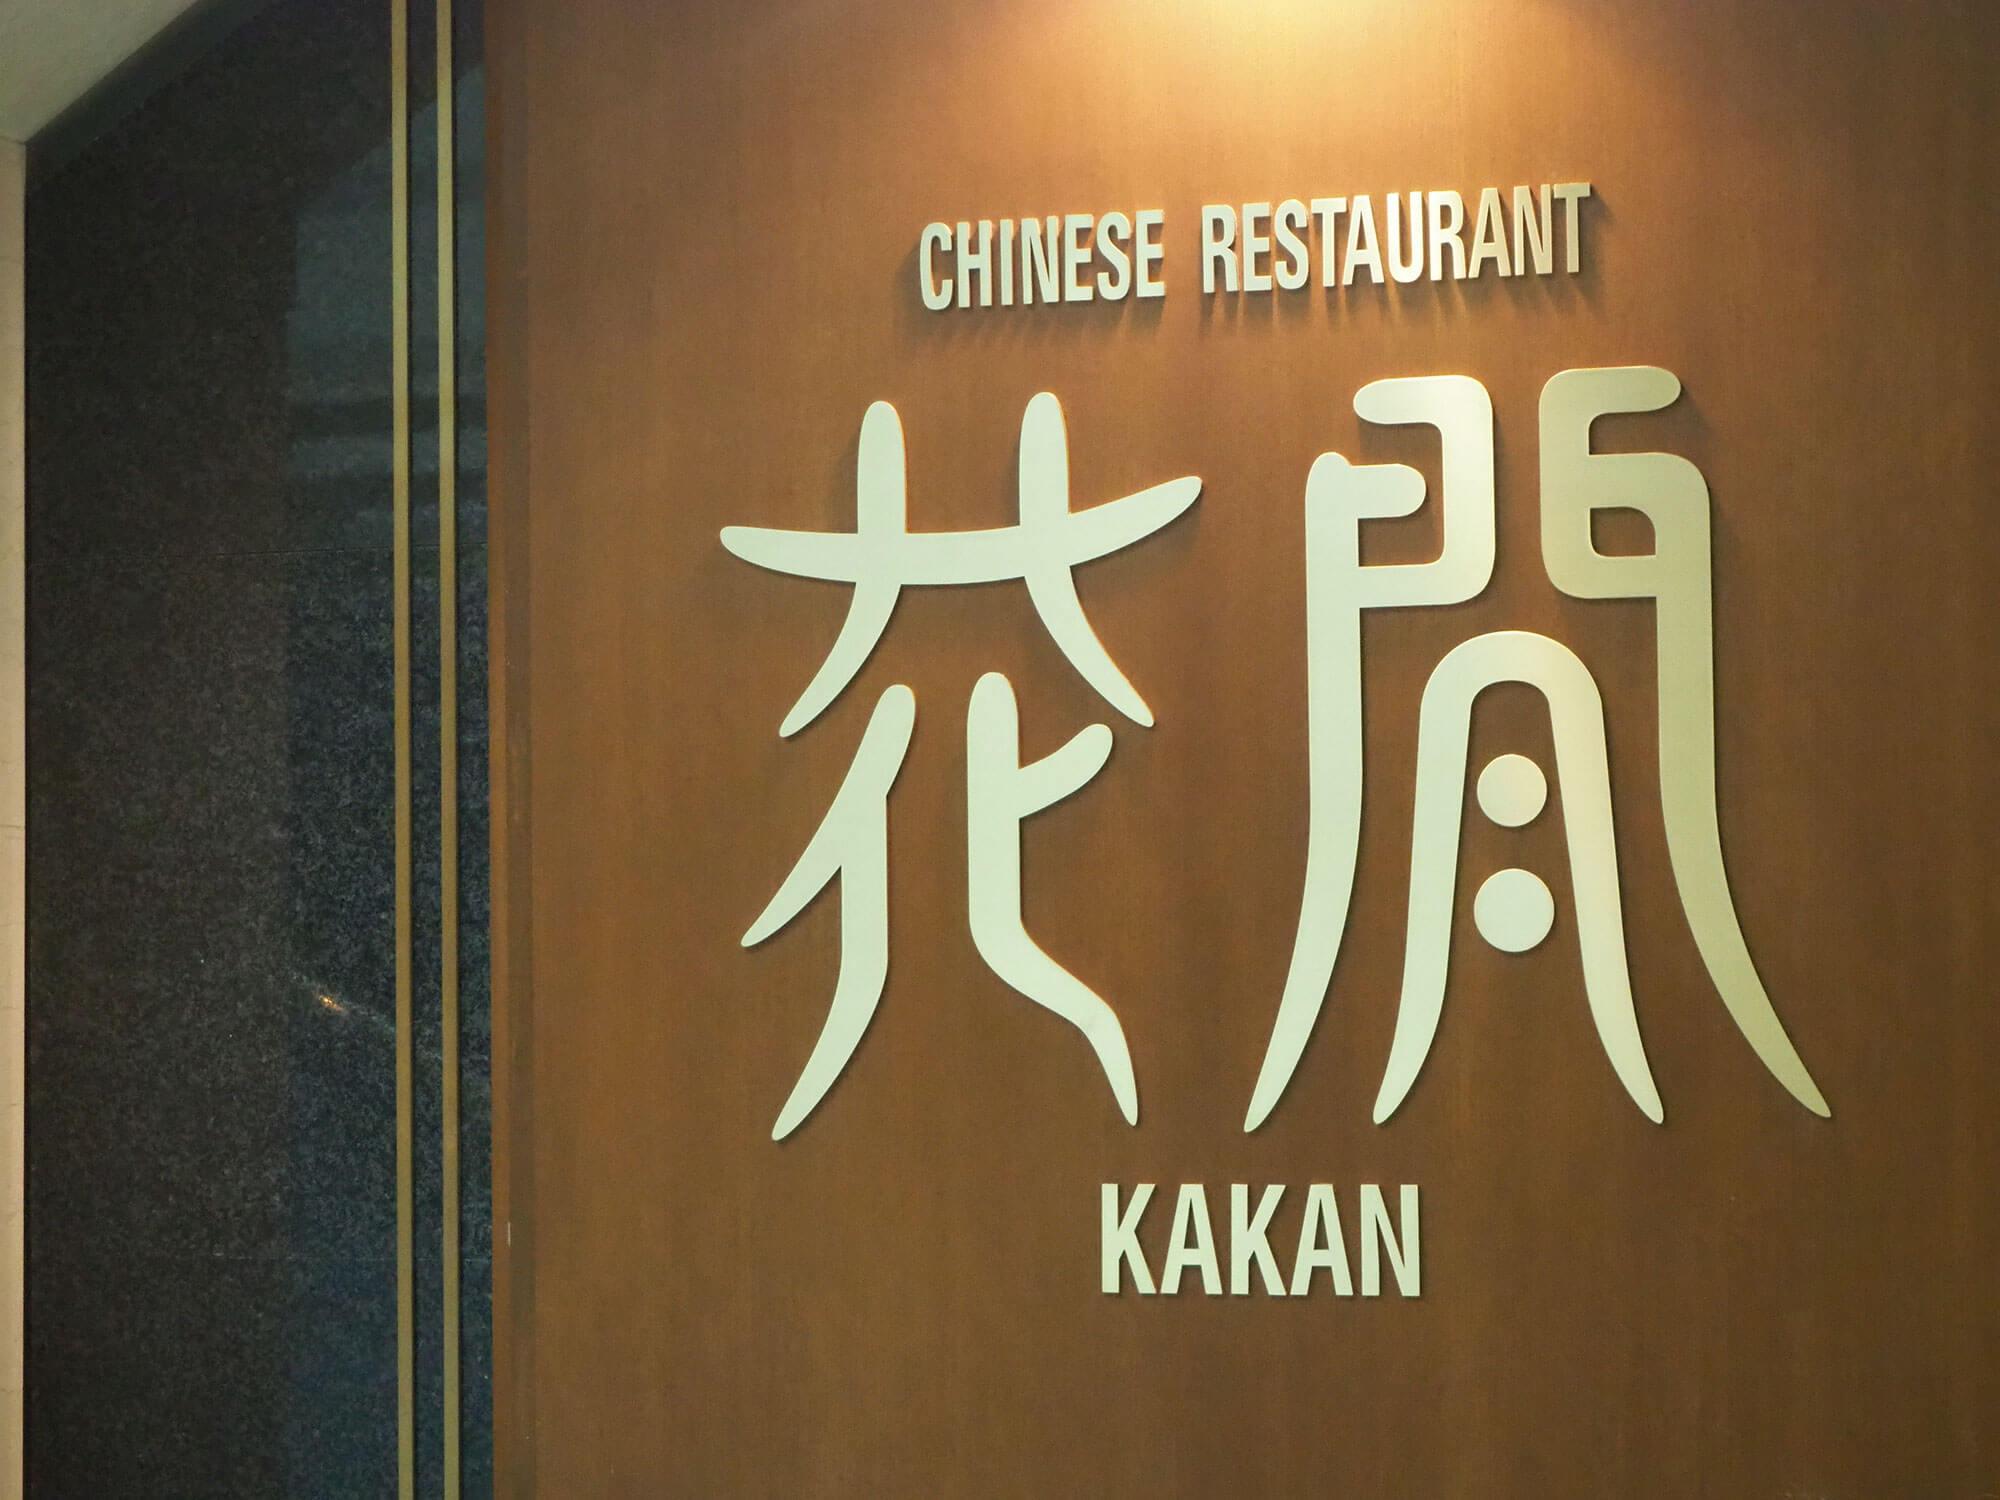 京都ブライトンホテルの中国料理[花閒(かかん)]で、ゆっくりランチを楽しんできた!